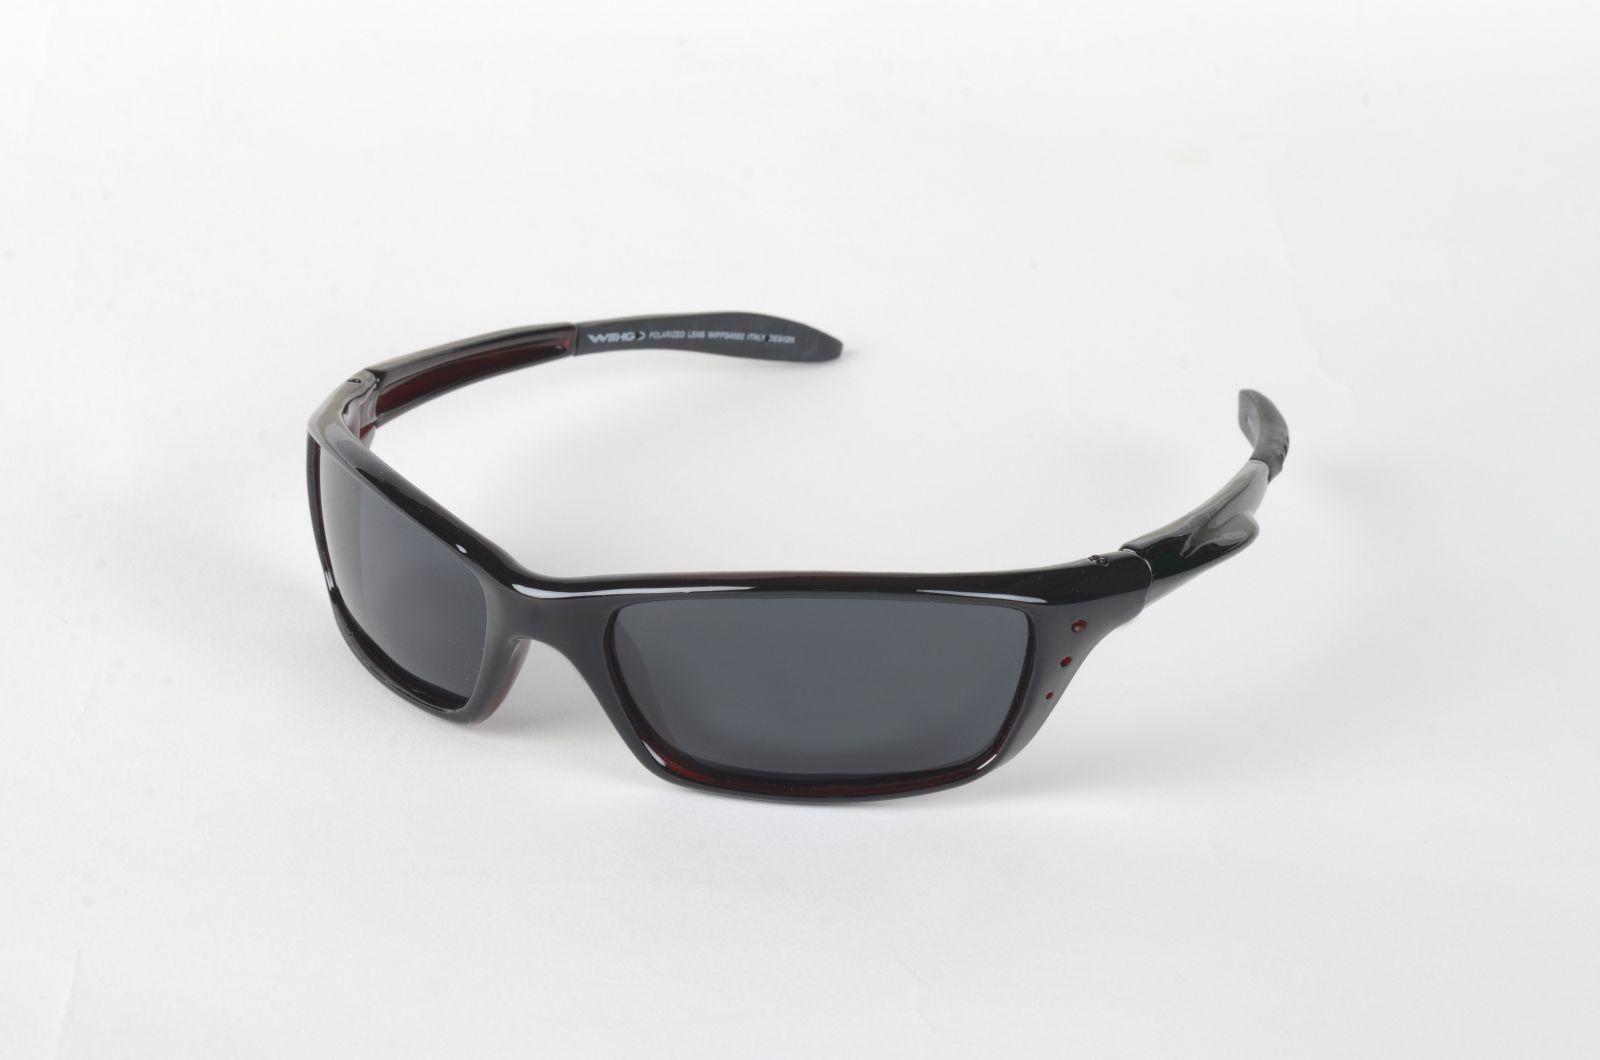 Polarizační brýle 4002 tmavomodré čočky ČČO Cat.3 E-batoh